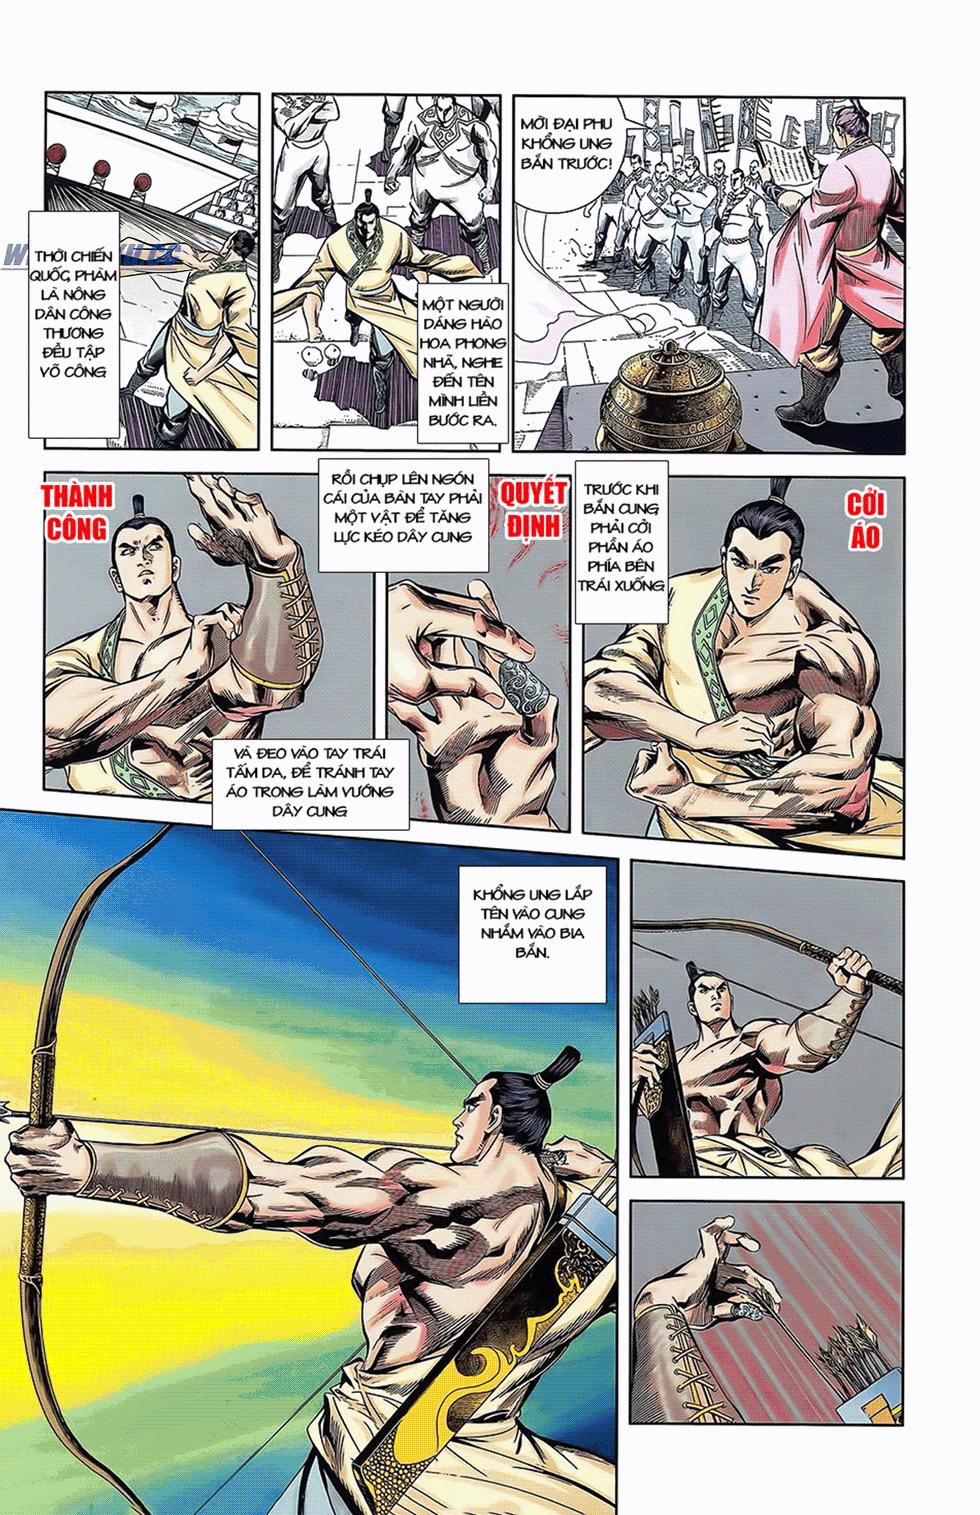 Tần Vương Doanh Chính chapter 6 trang 17